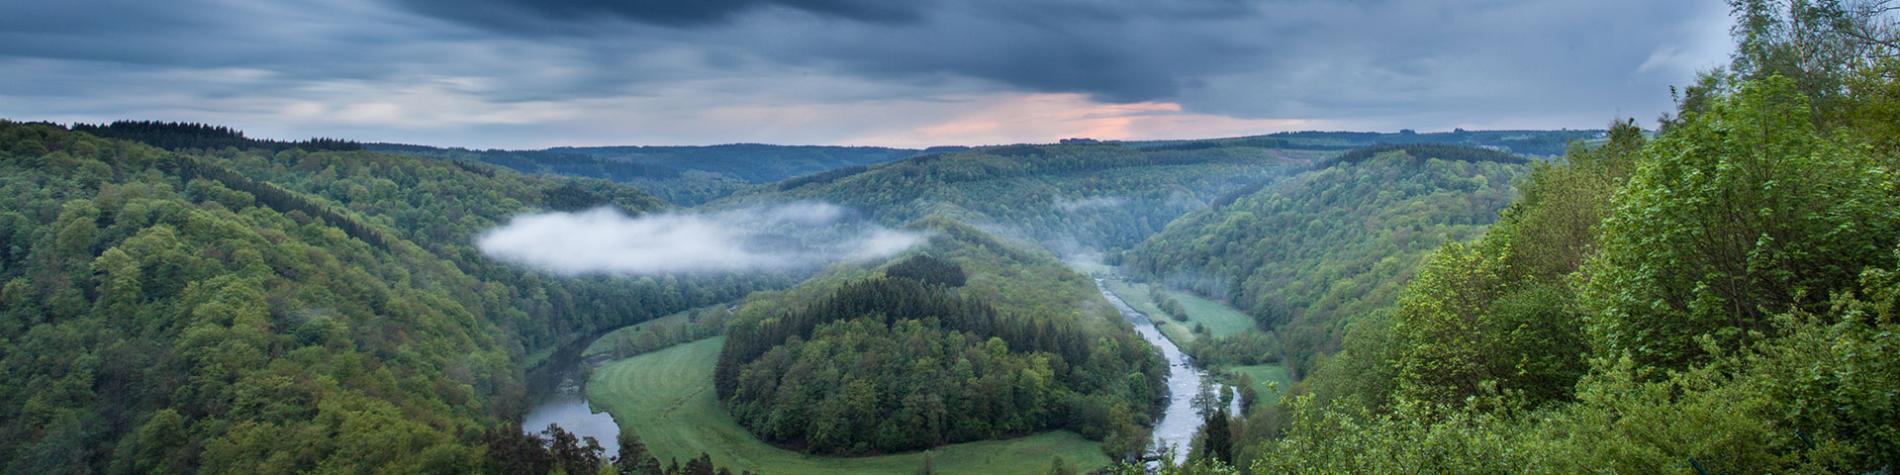 Parc naturel de l'Ardenne méridionale - Tombeau - Géant - Botassart